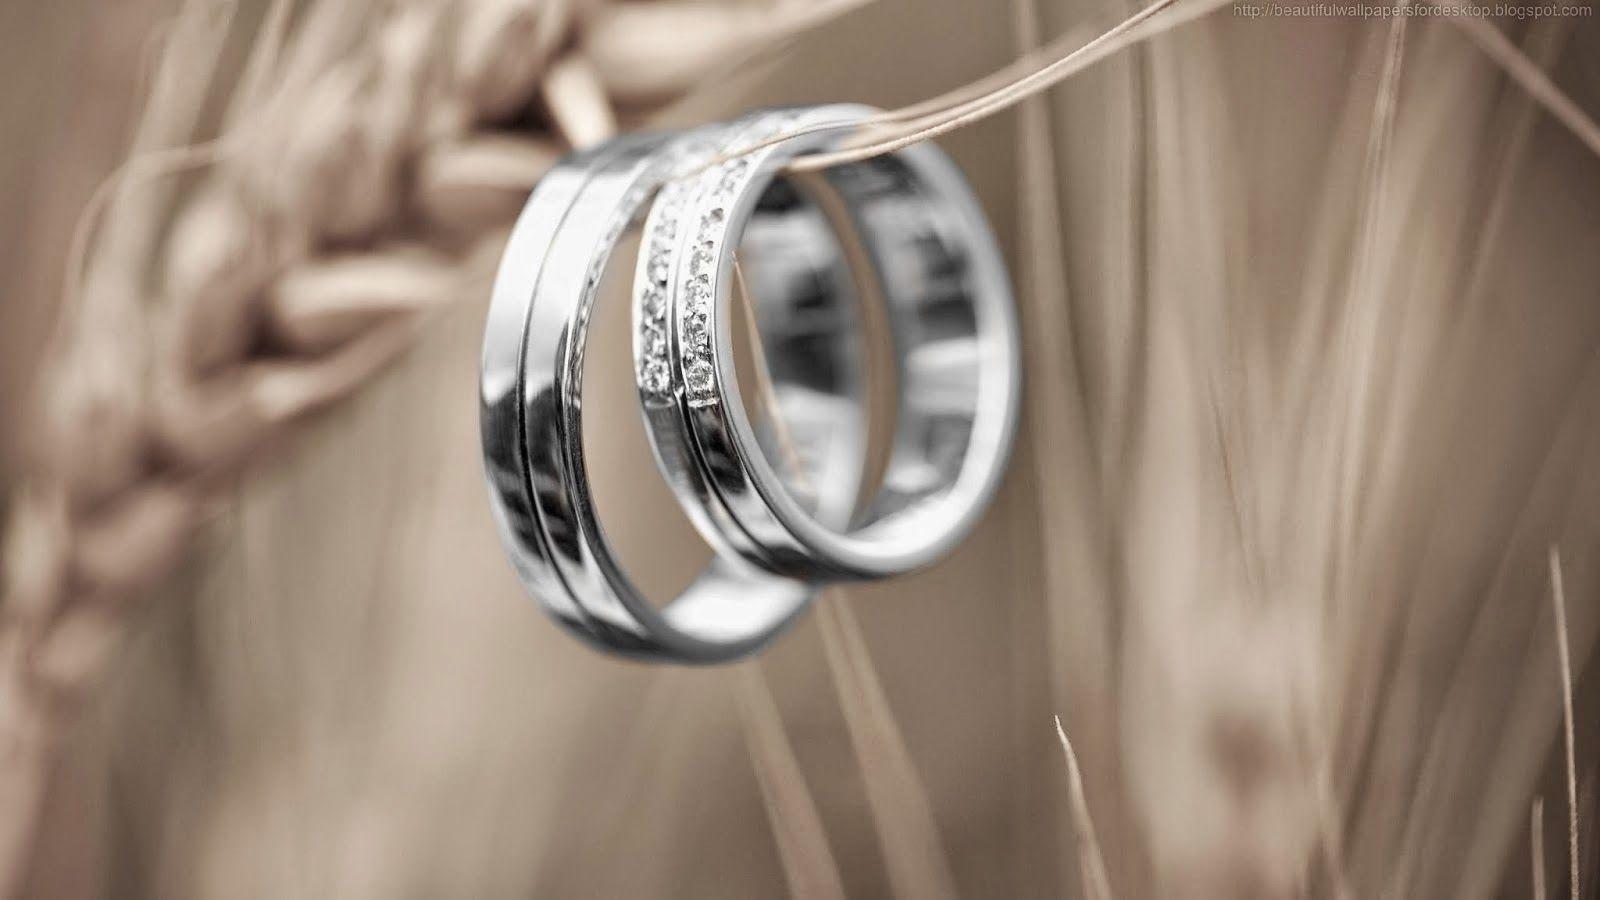 Wedding Rings Wallpapers Hd Best Wedding Rings | HD Wallpapers ...